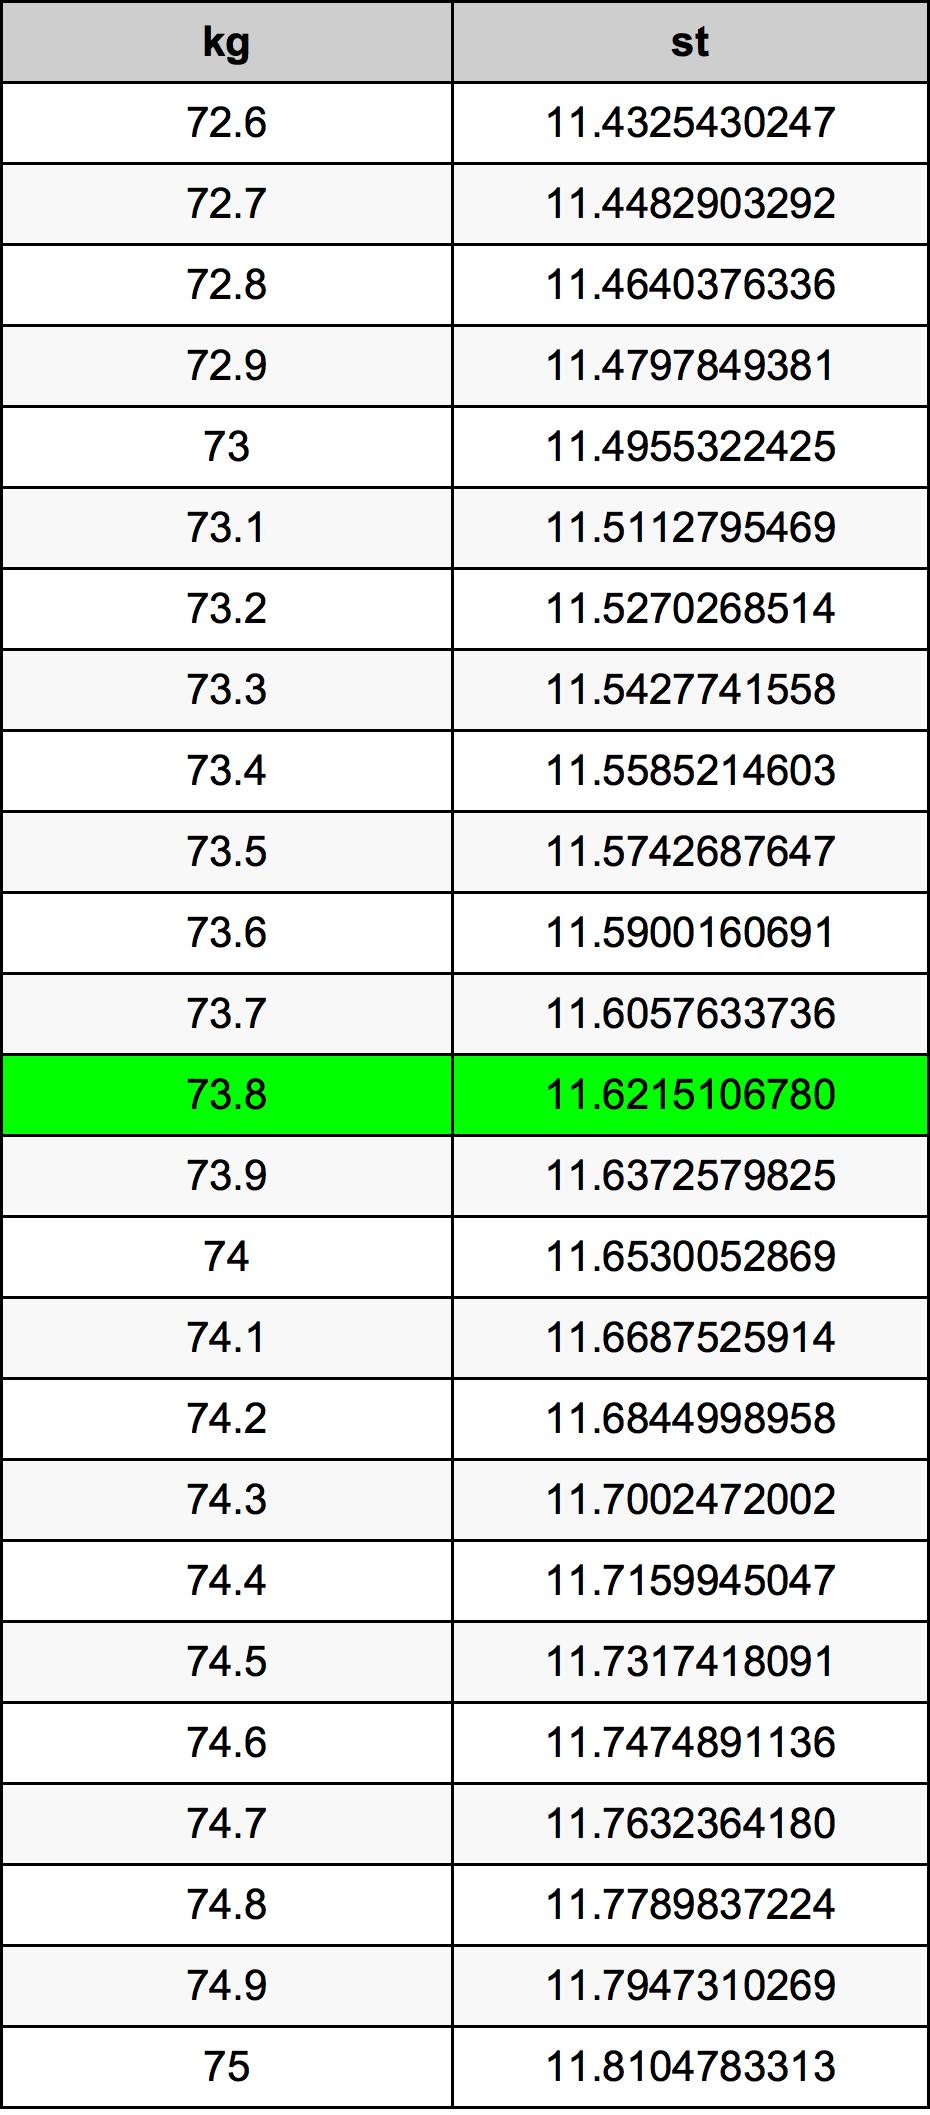 73.8 Kilogramo Tabla de conversión